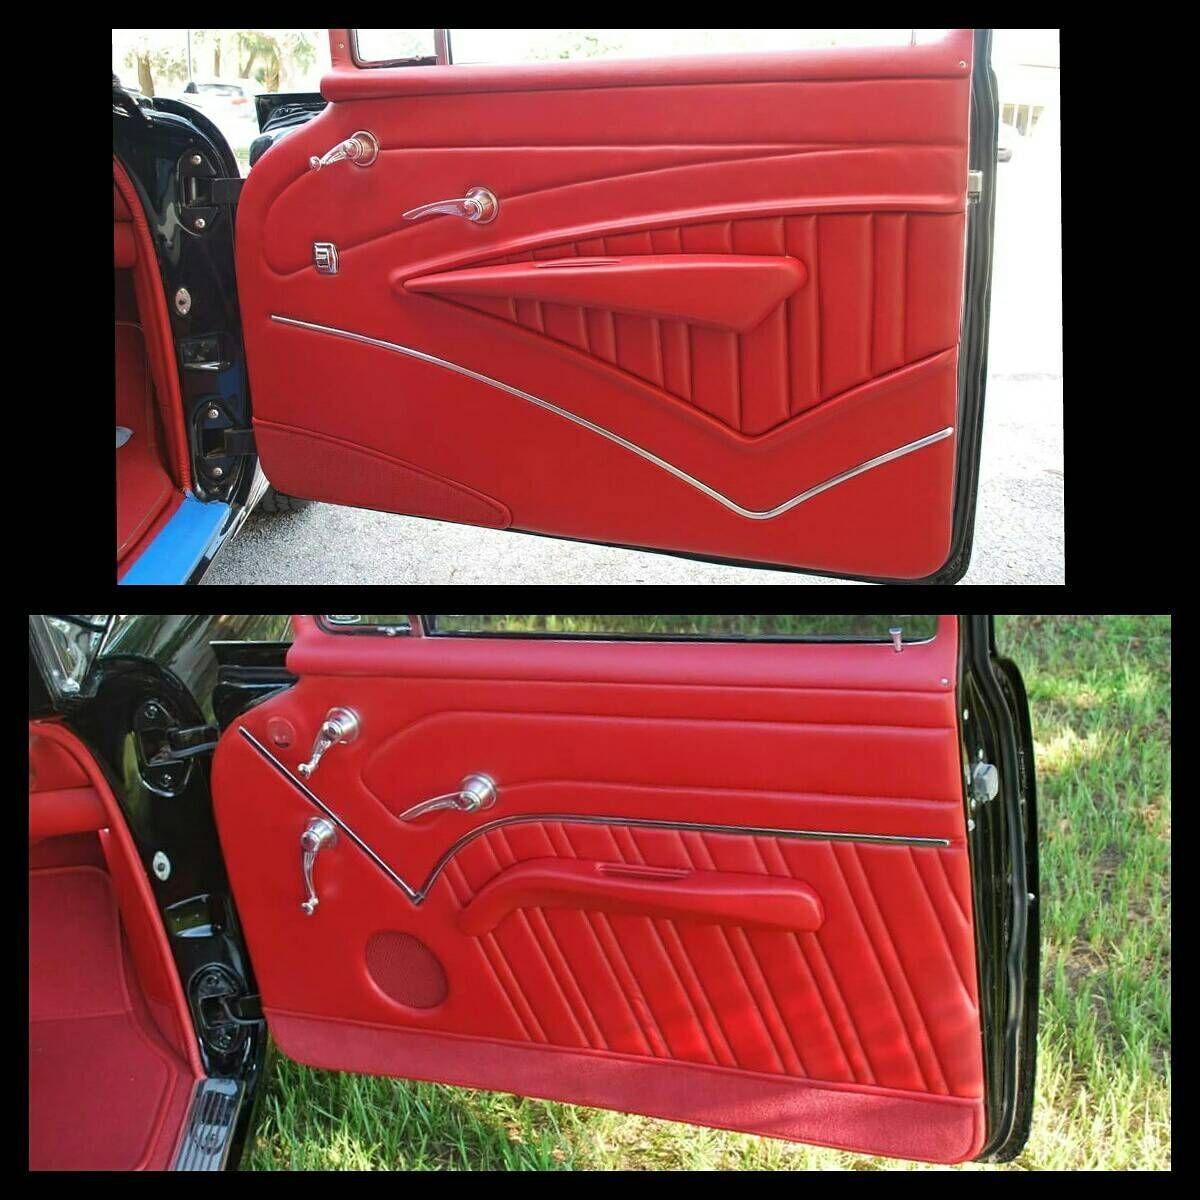 1955 Chevy Truck Door Panel Photo 6 Chevy Trucks 57 Chevy Trucks Classic Cars Chevy